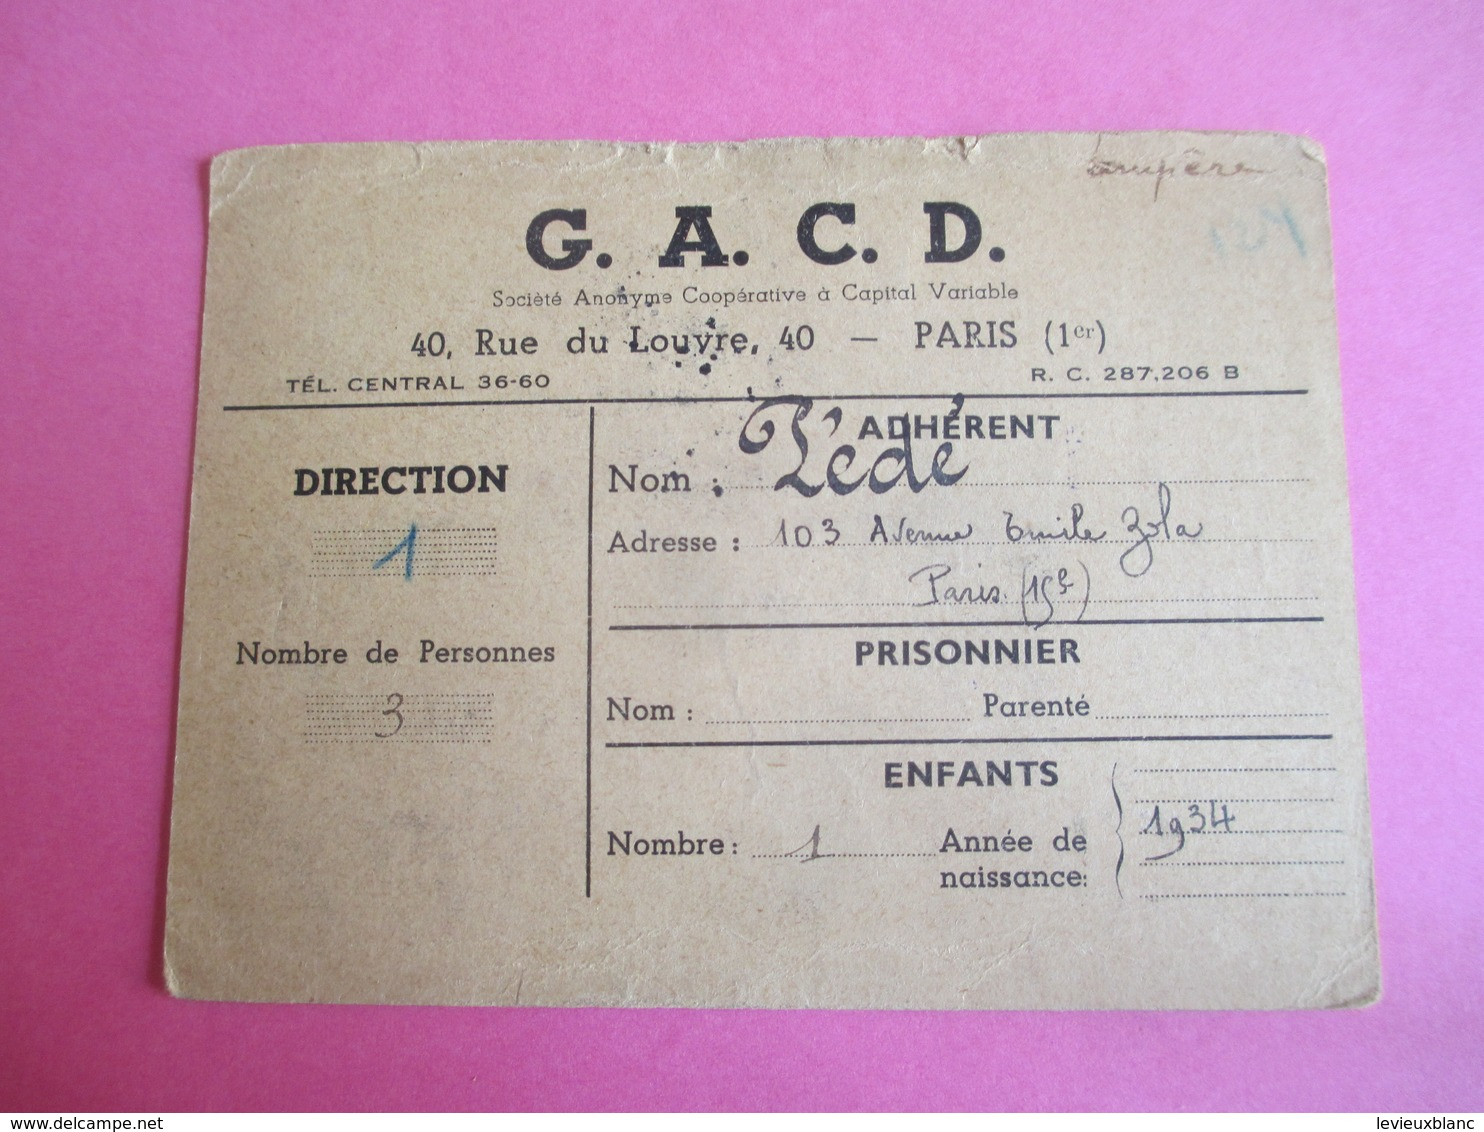 Militaria/Doc Administratif/G.A.C.D./Rue Du Louvre Paris/Distribution De Vin/Verres Vides Rendus/Daniel PEDE/1945 AEC136 - Autres